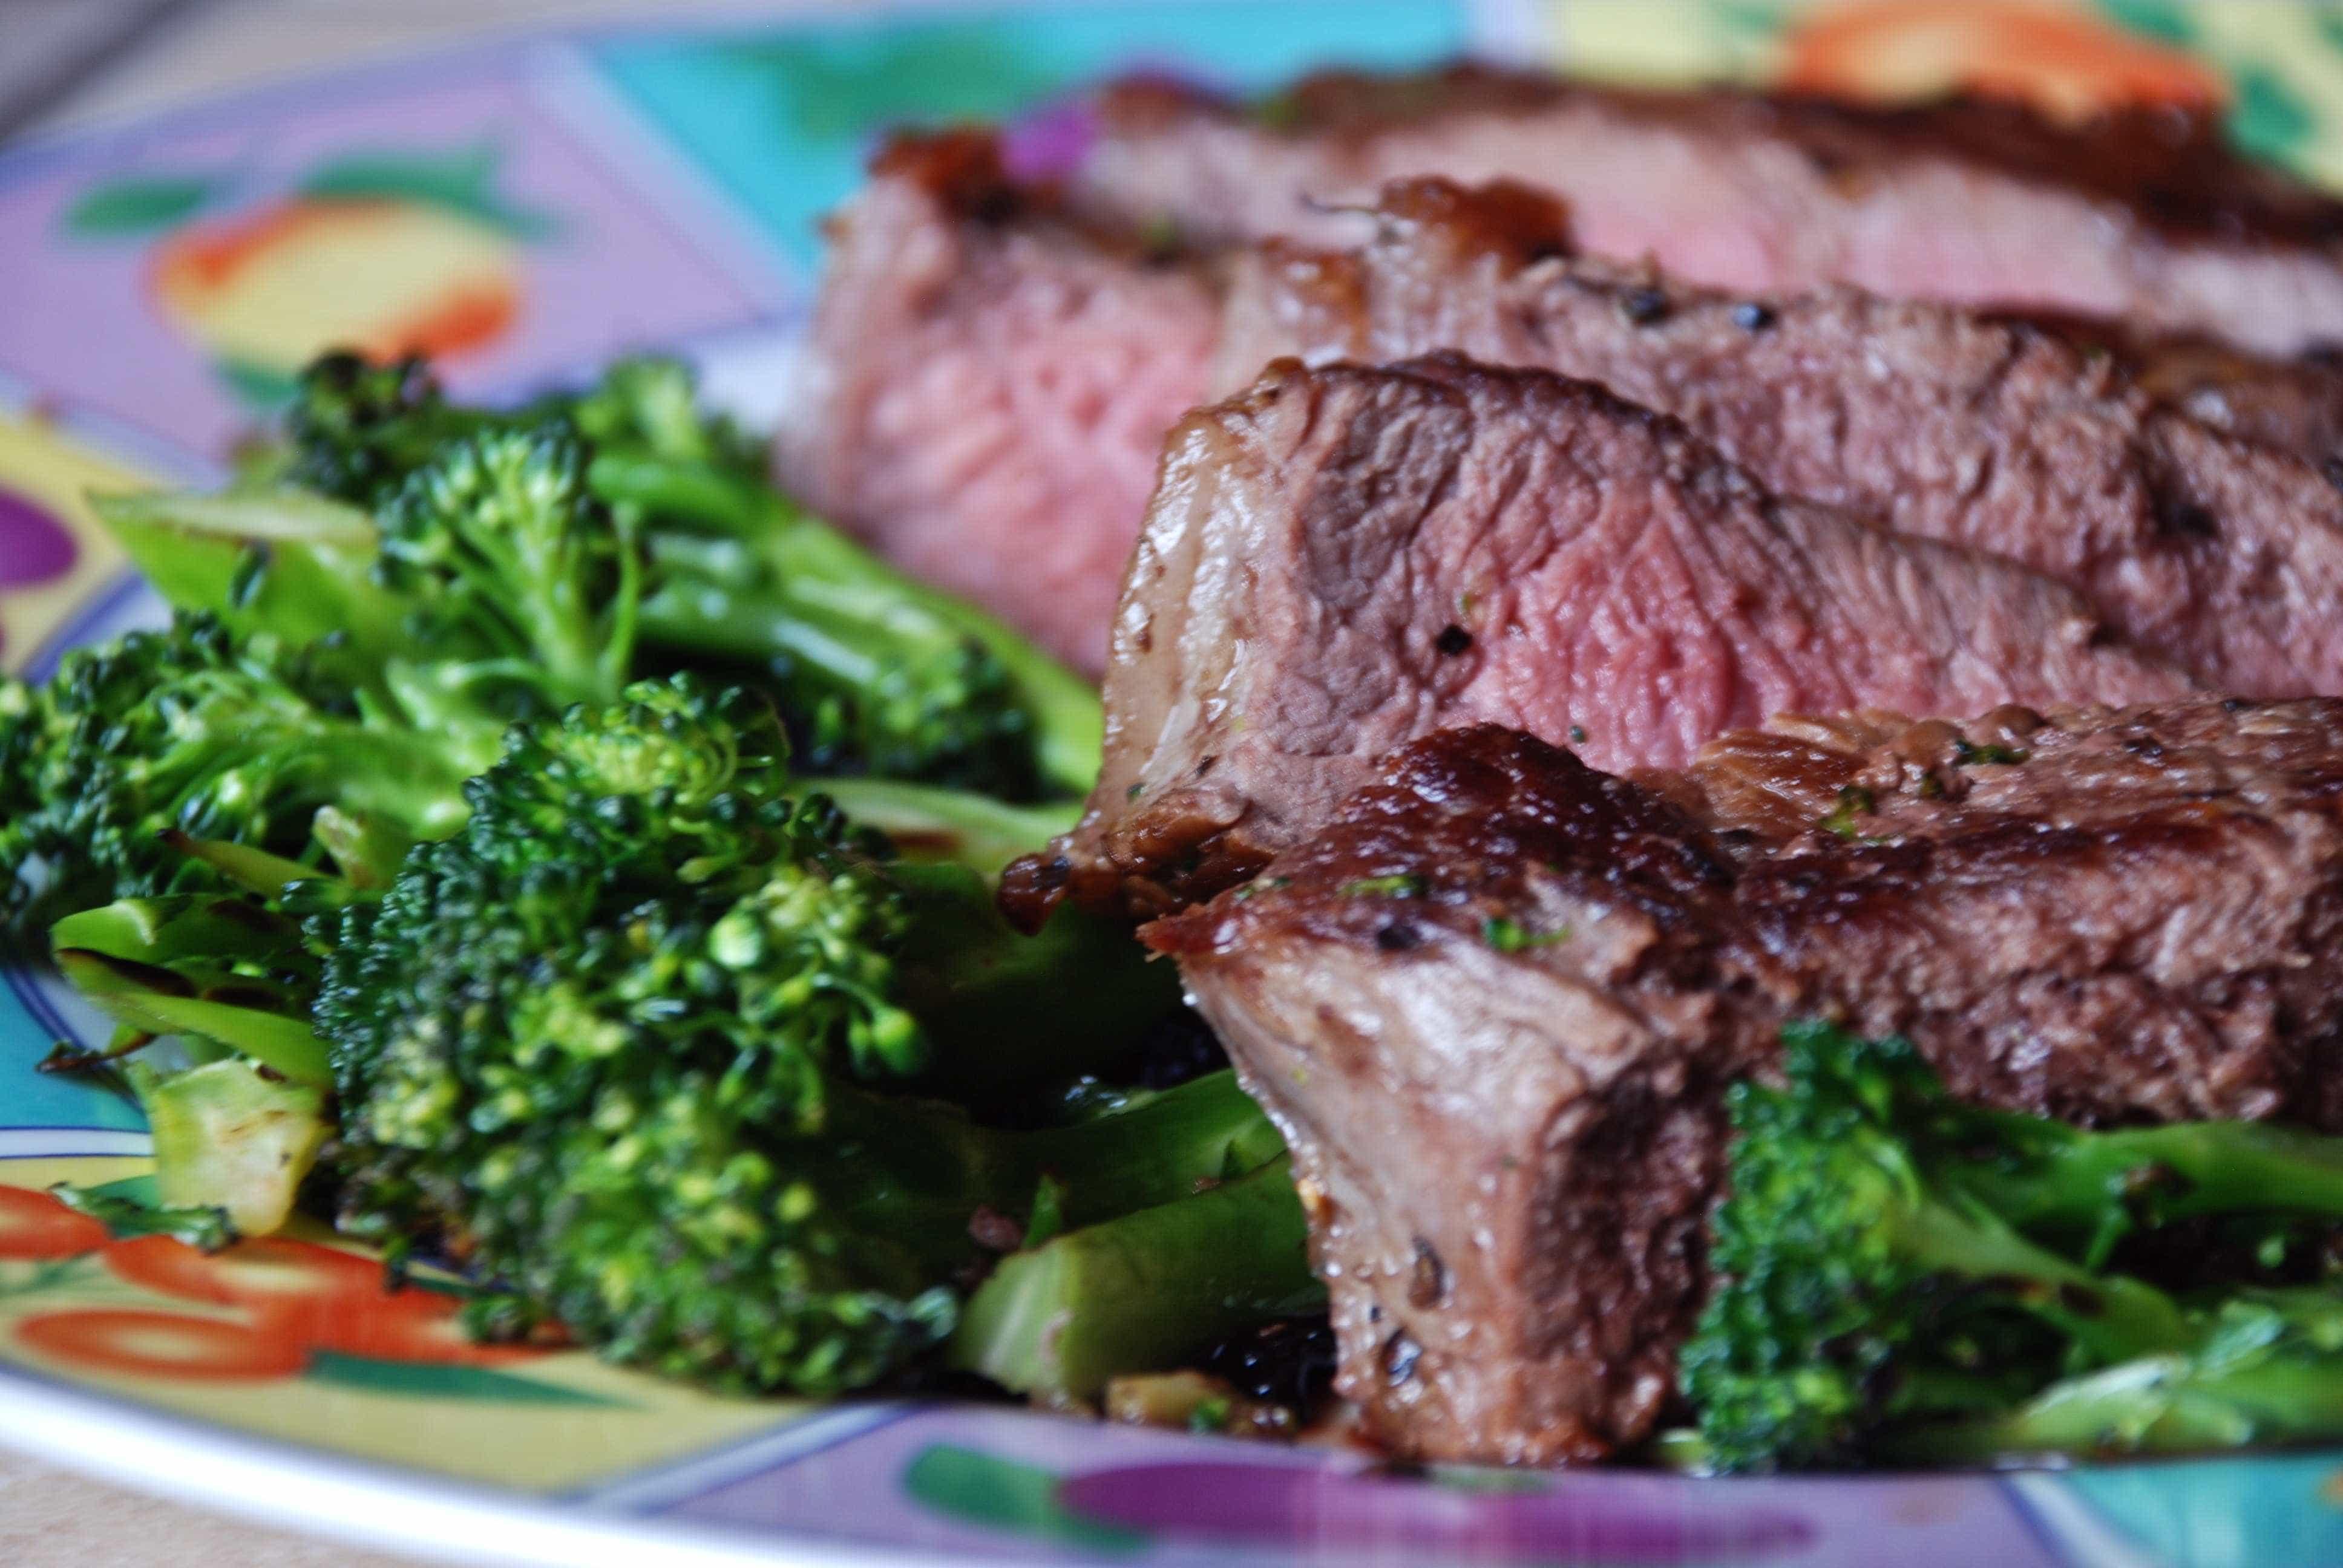 Rosemary and Garlic Steak